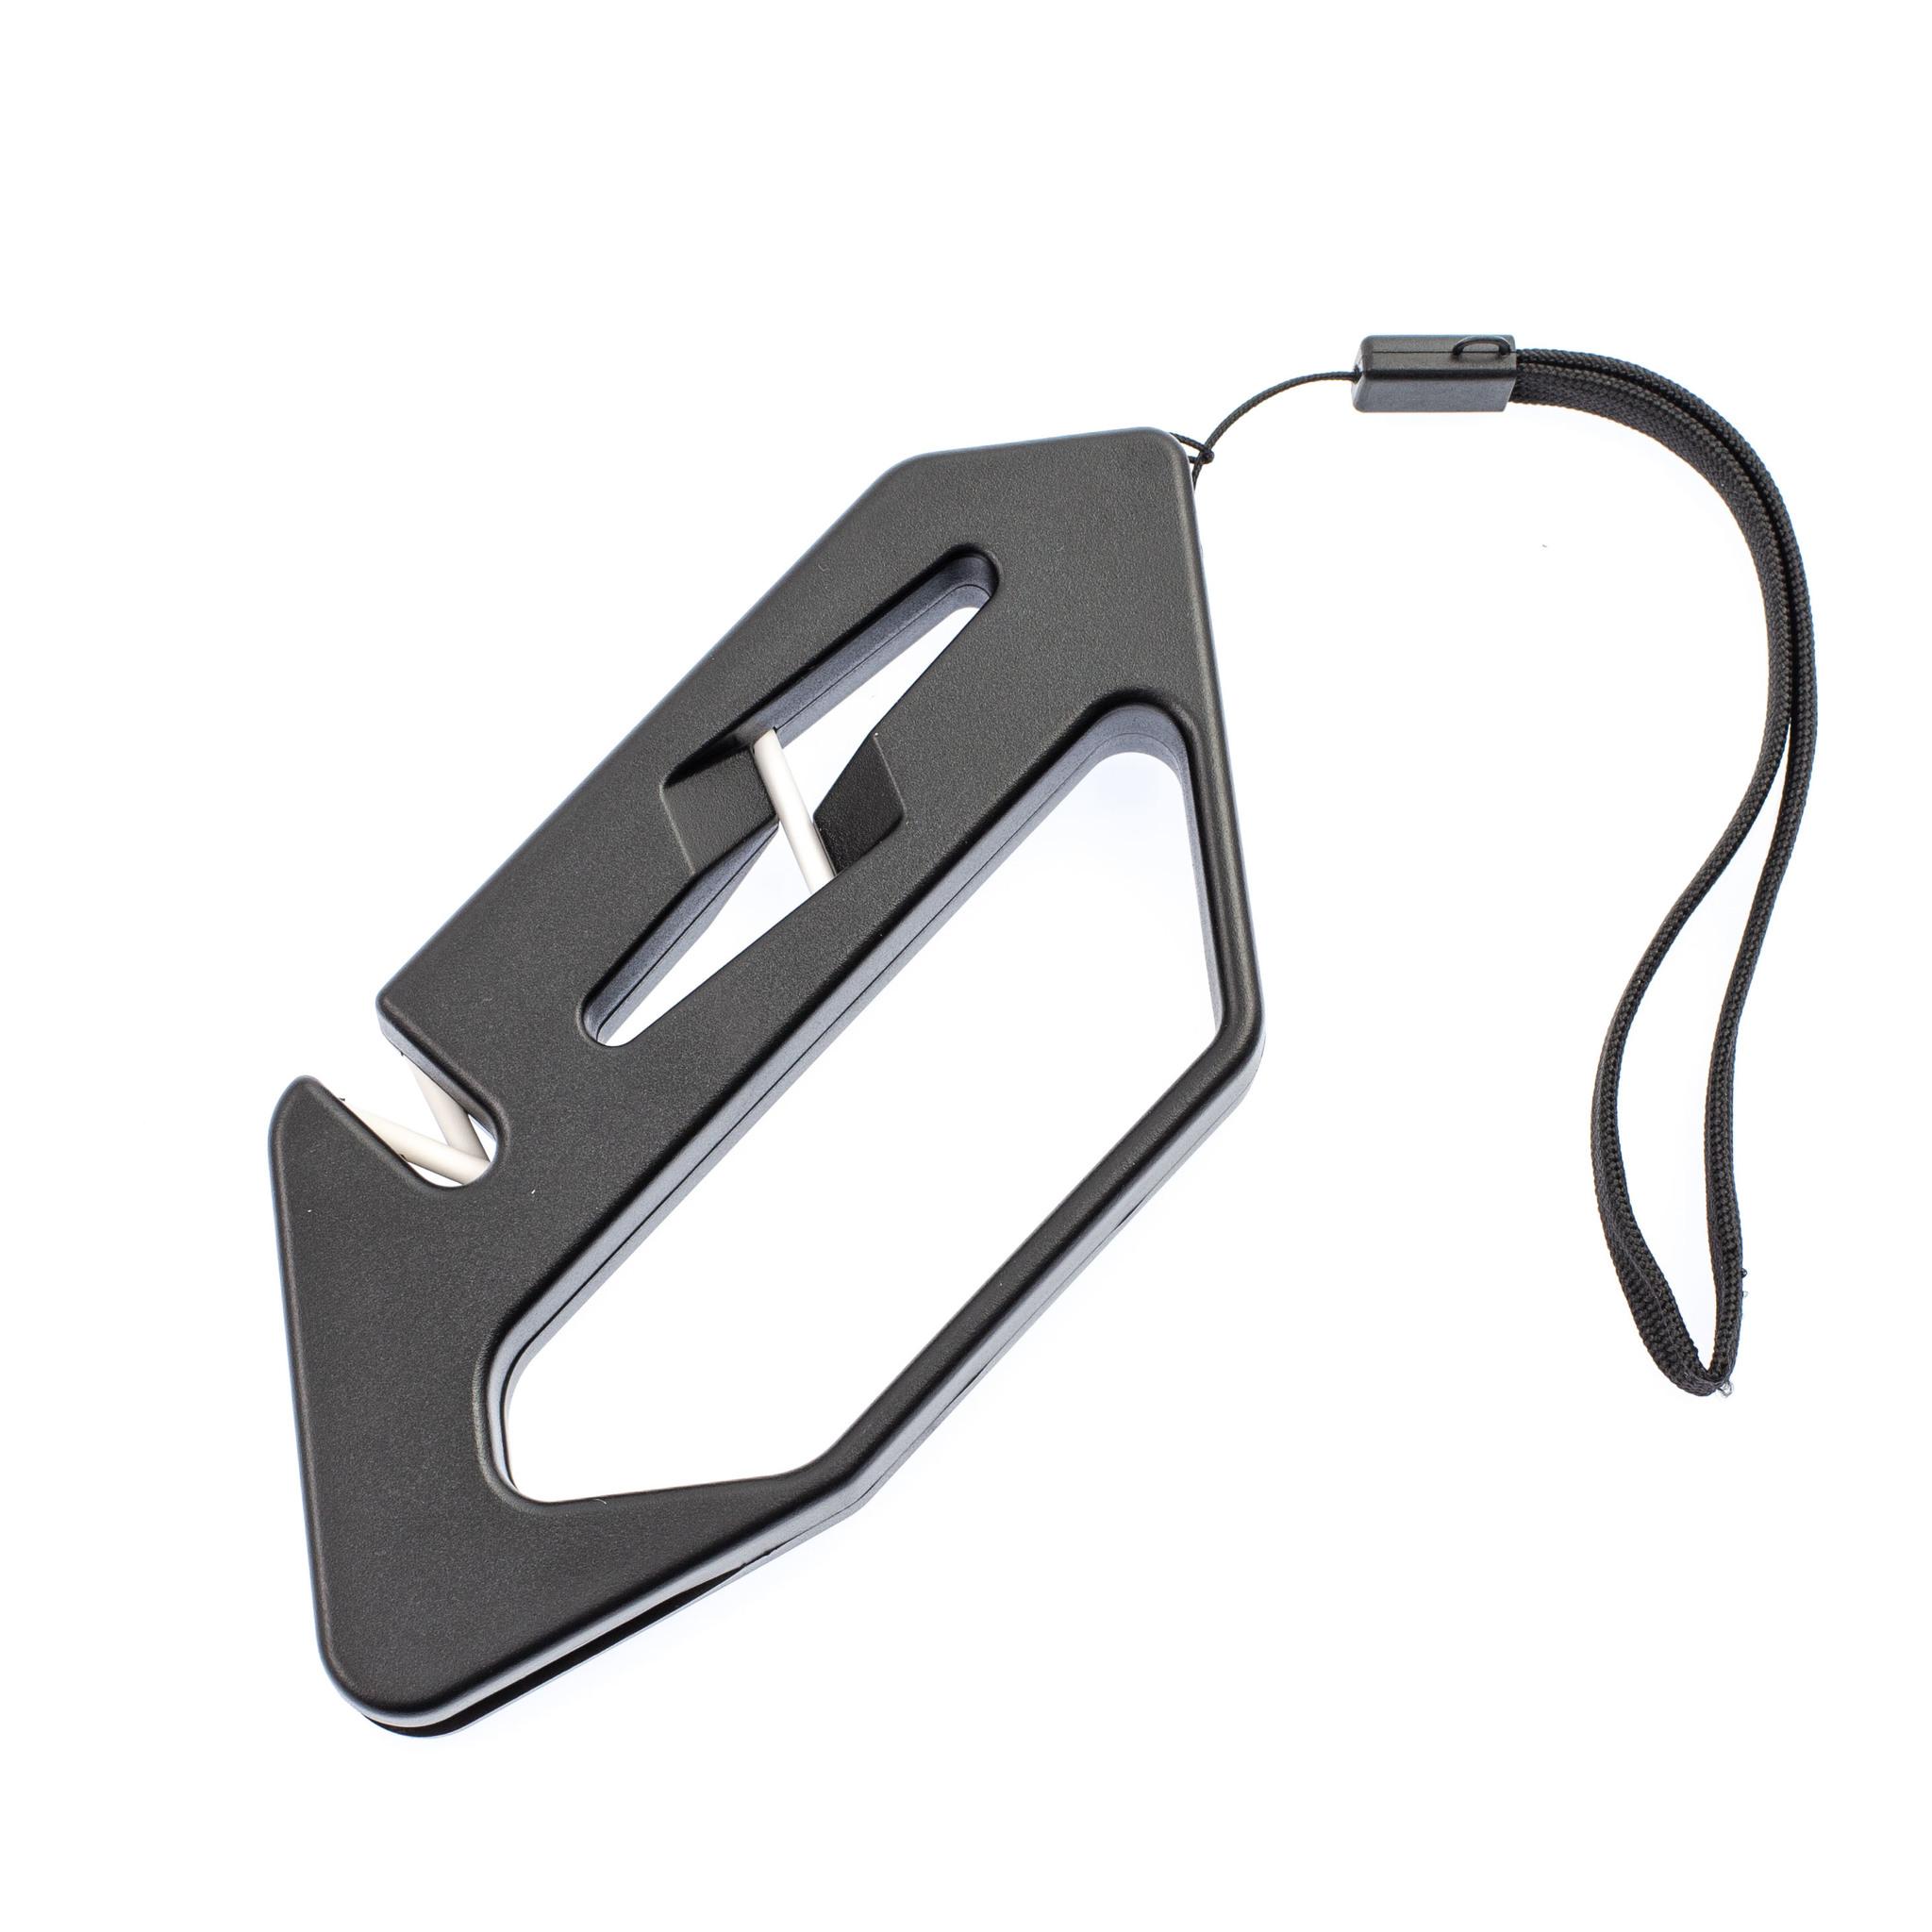 Многофункциональная точилка для ножей и ножниц от Hiamea